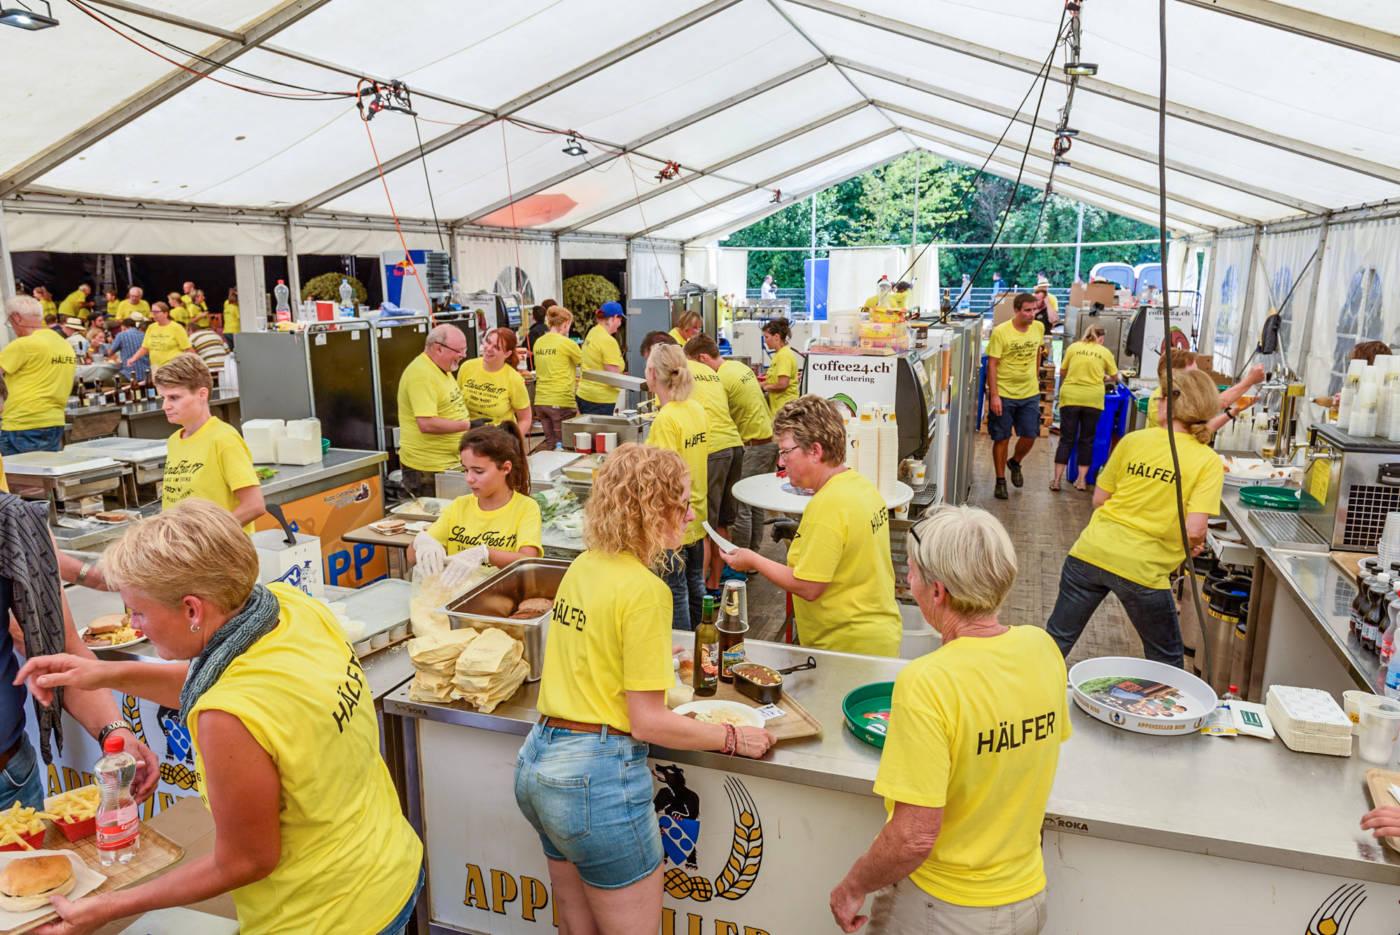 Food und Non-Food auf dem Festareal, Eidgenössisches Schwing- und Älplerfest Pratteln im Baselbiet | ESAF 2022